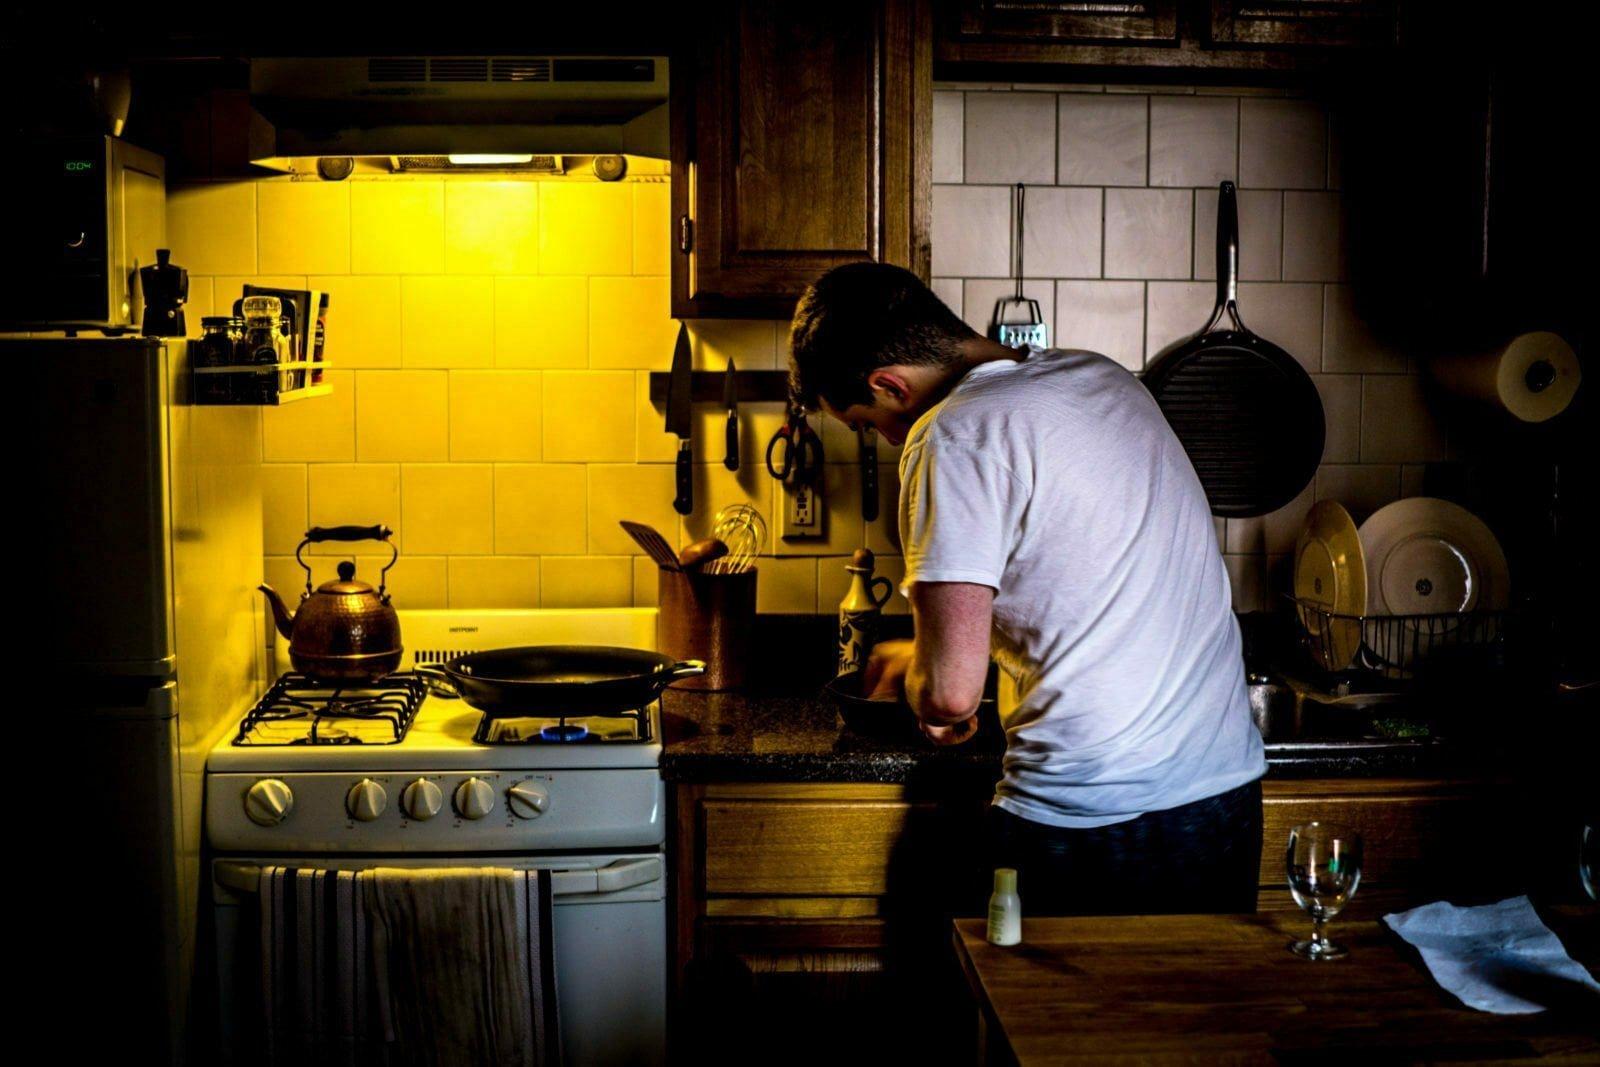 Cocinar en el interior del hogar sin llenarlo de humo